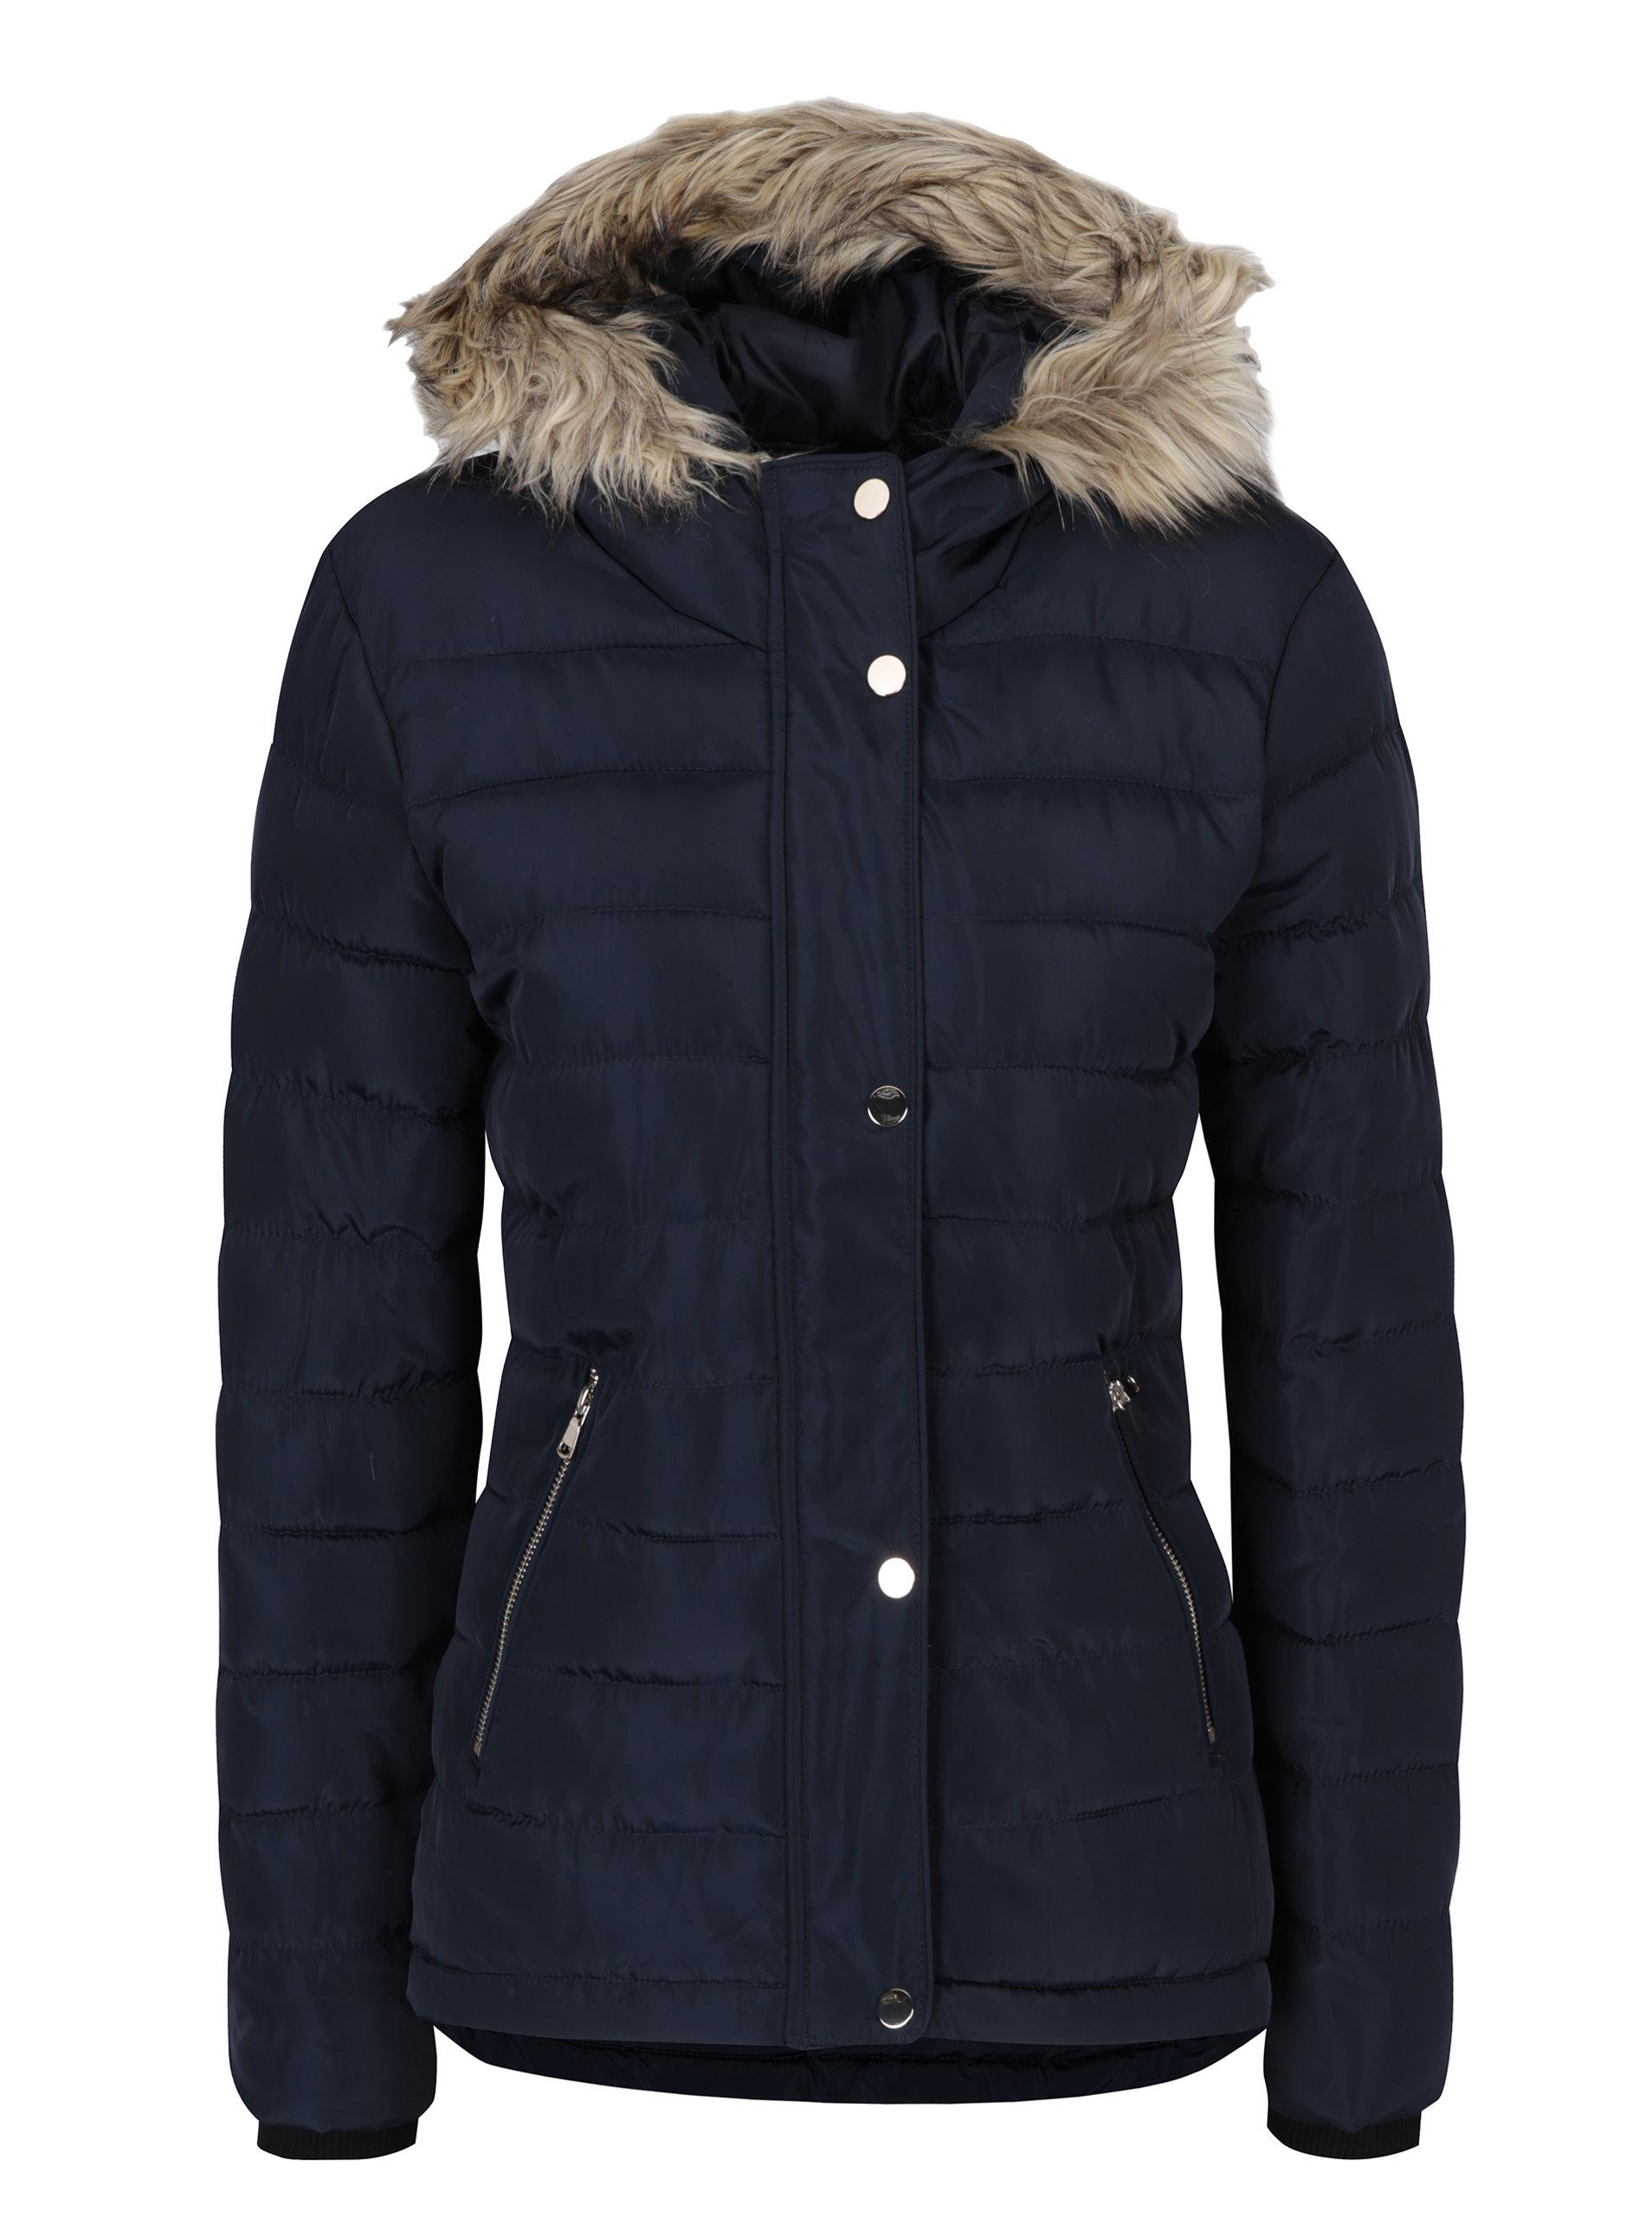 3a5461964 Tmavomodrá prešívaná zimná bunda s umelou kožušinou Dorothy Perkins ...